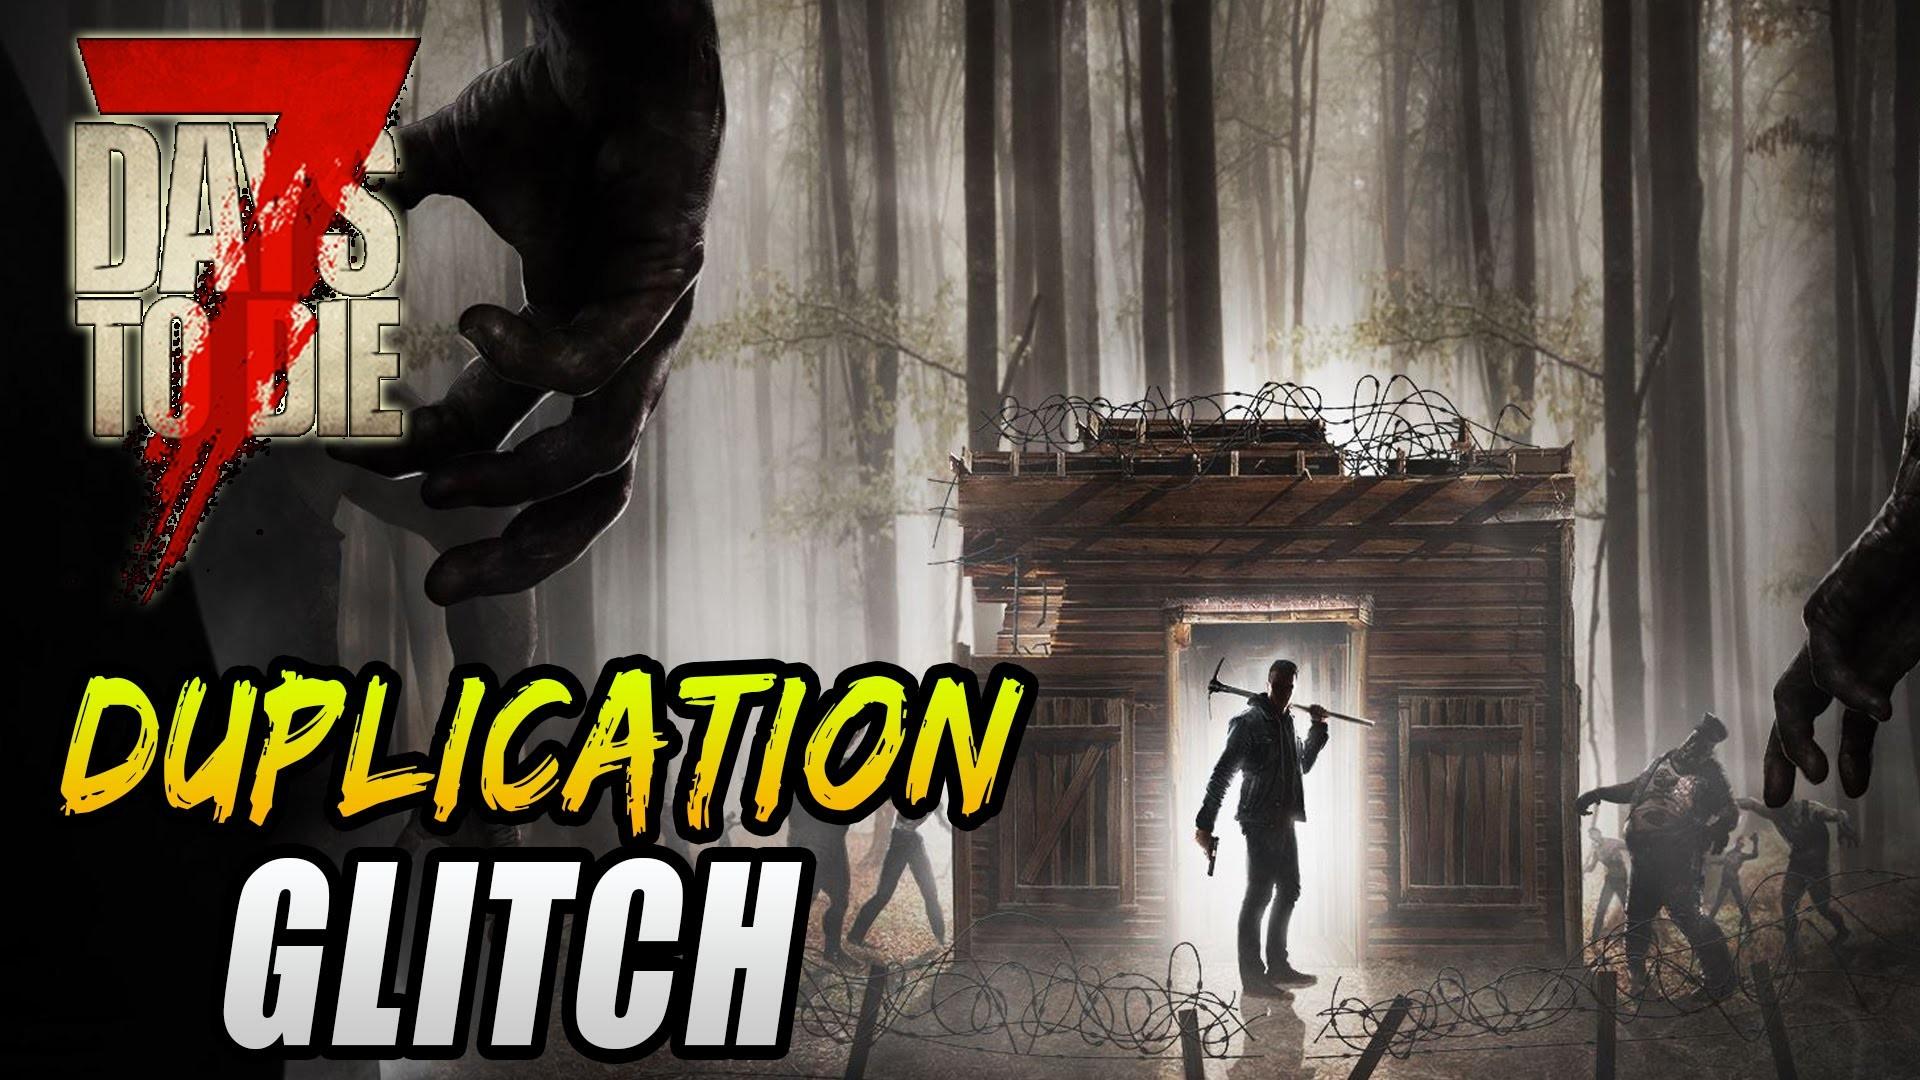 7 Days To Die Duplication Glitch – 7 Days to Die How To Duplicate ANY Item  – 7 Days to Die Glitches